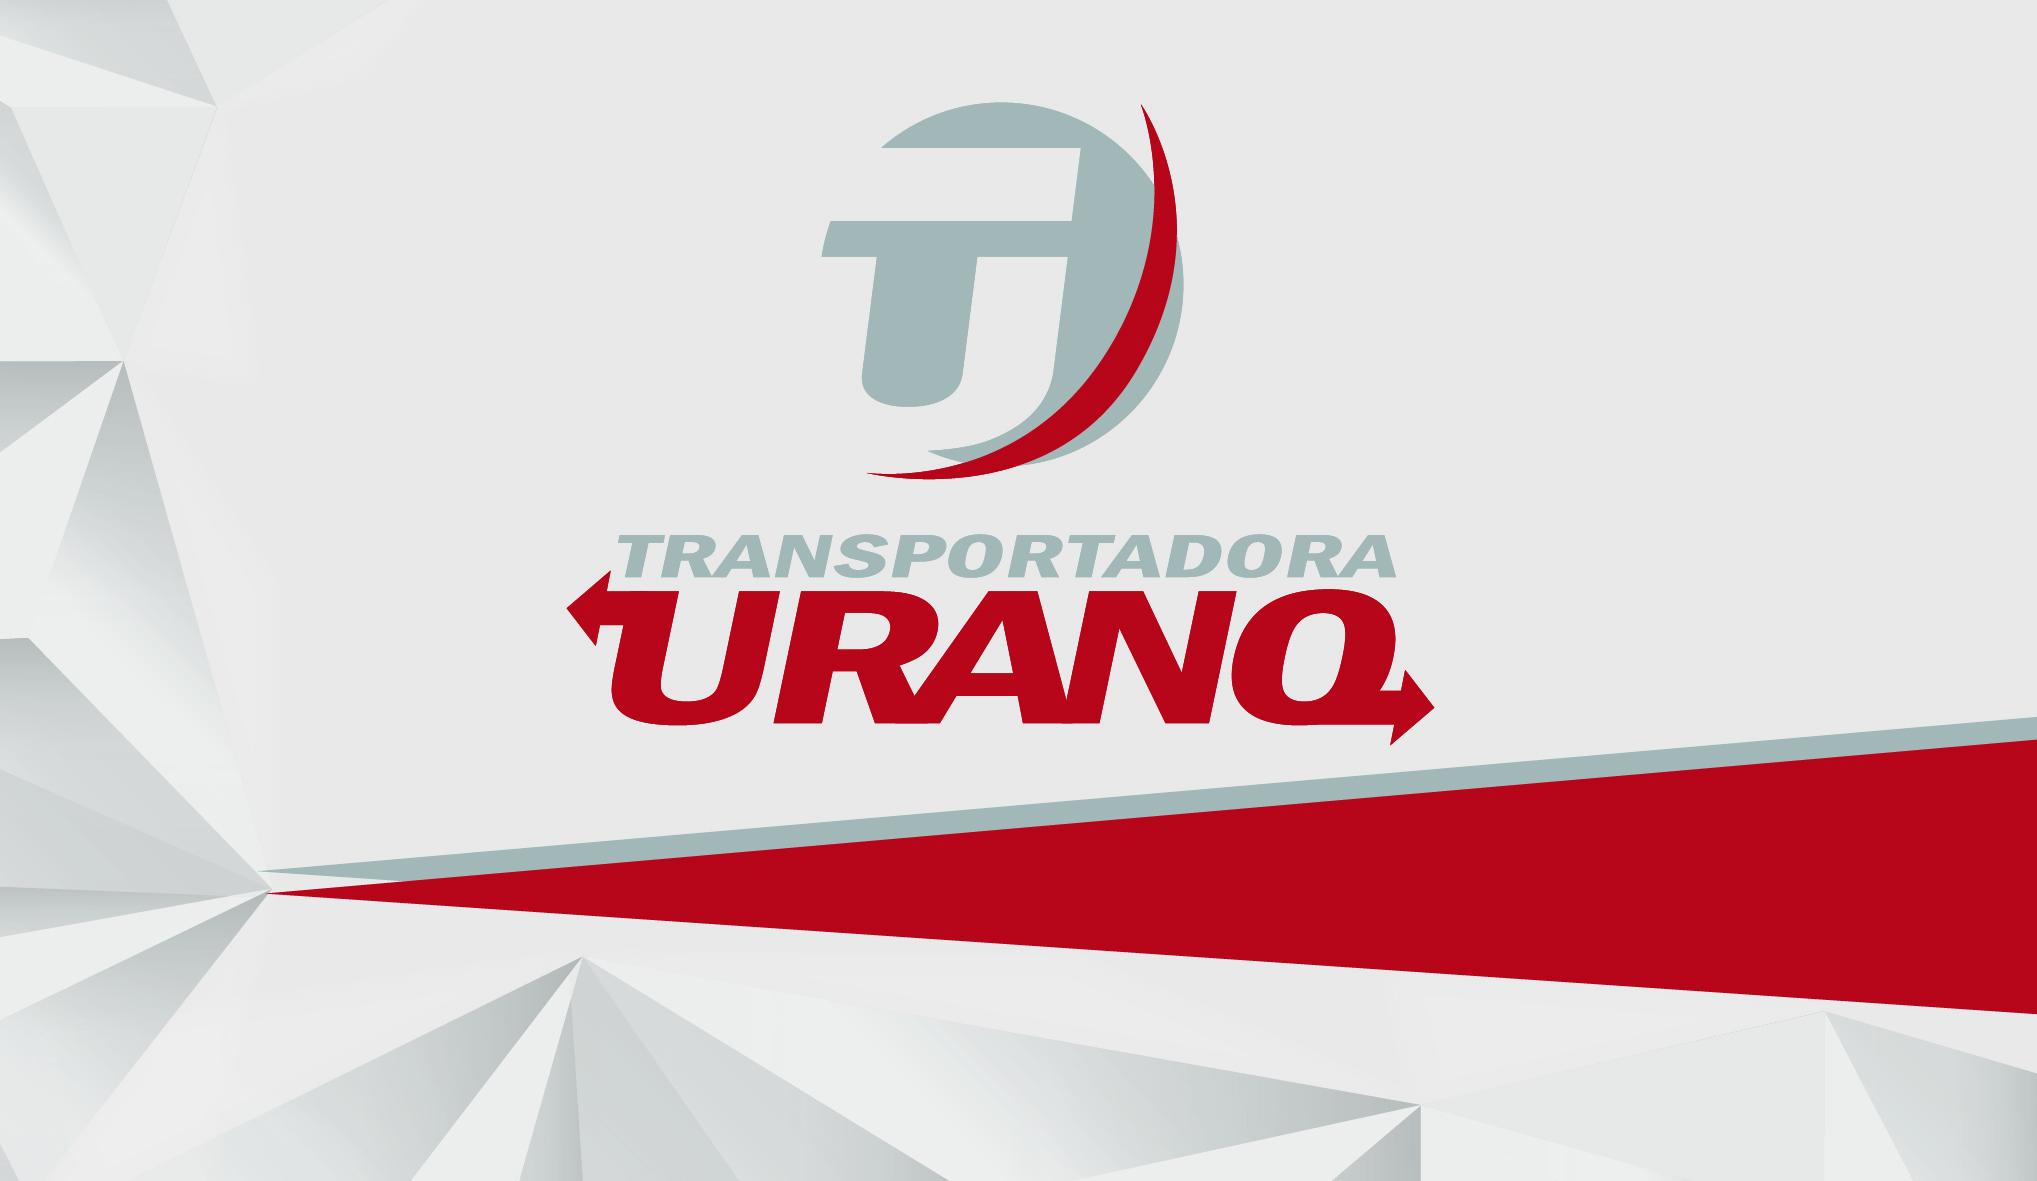 Urano-02